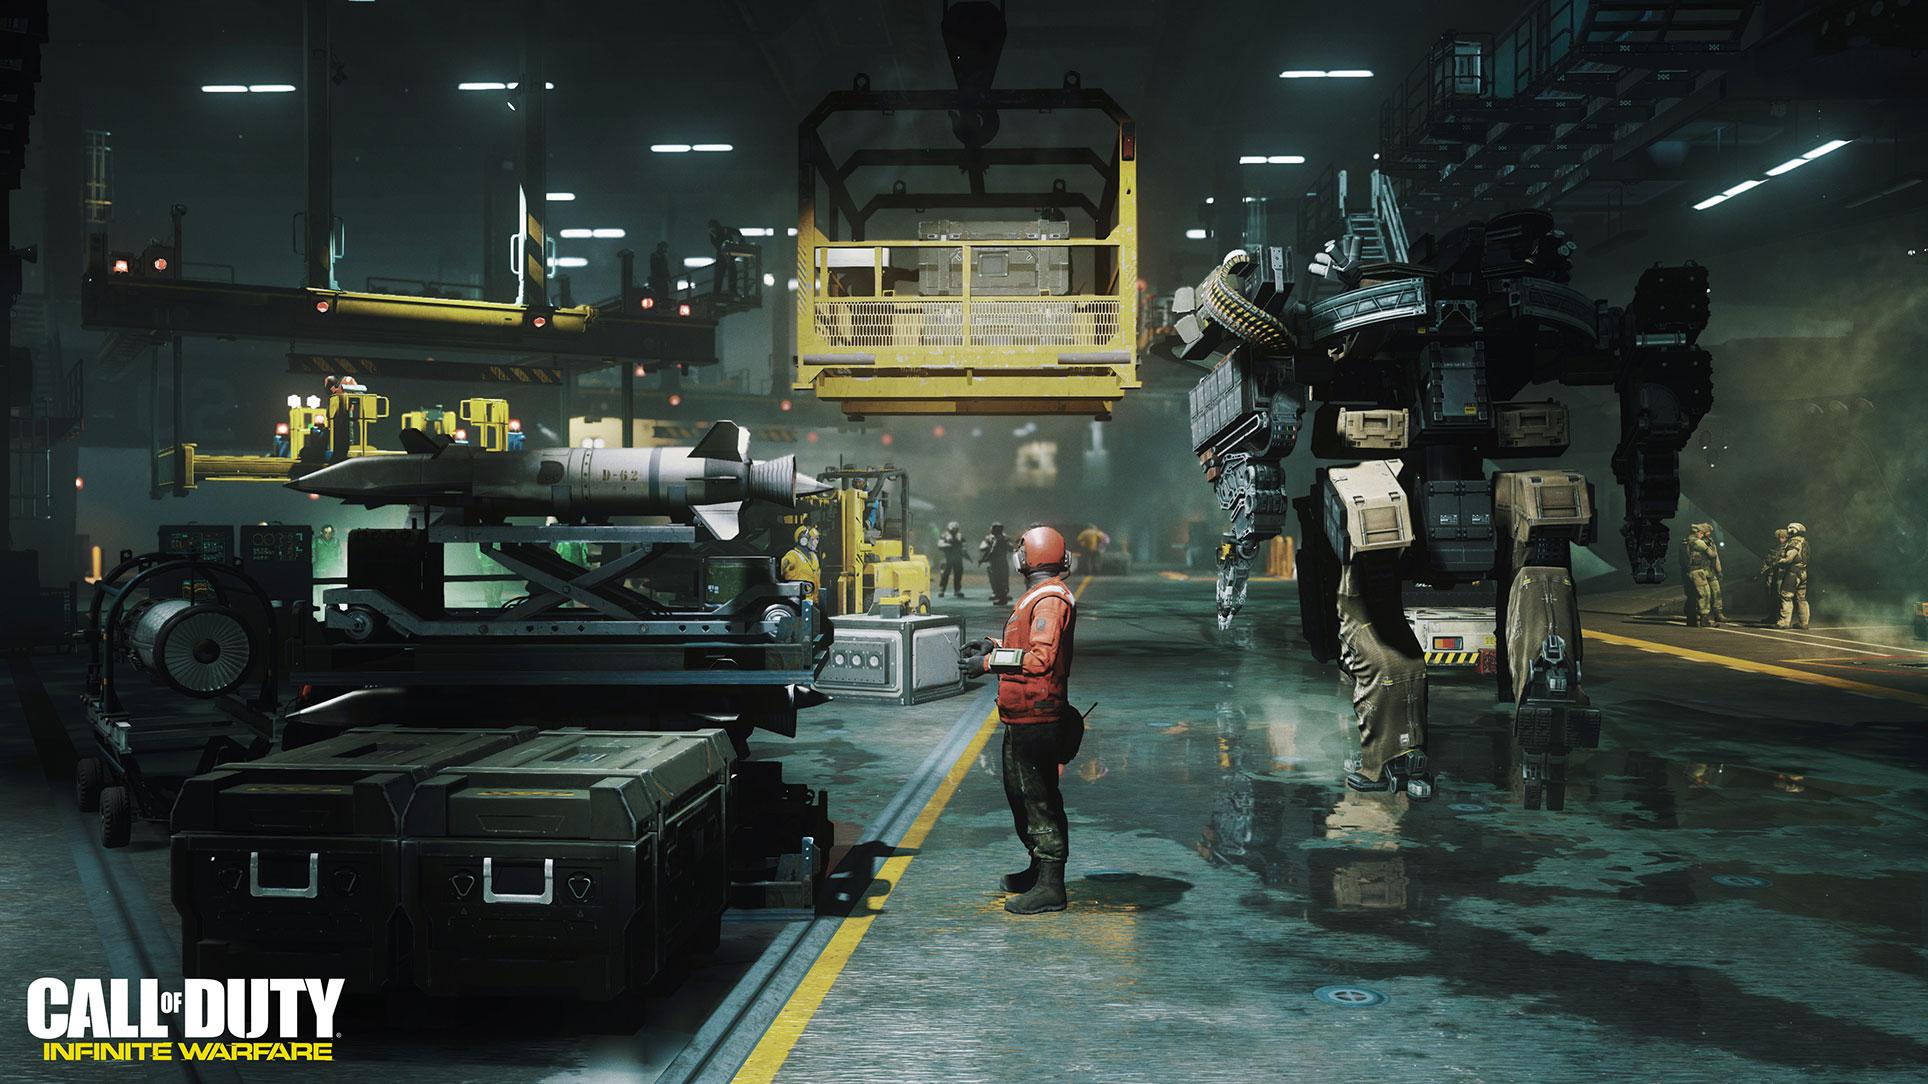 """... entscheidet man sich dafür, die SciFi-Gangart weiter zu verstärken: """"Infinite Warfare"""" ist phasenweise mehr """"Wing Commander"""" als """"Call of Duty"""". Vergleichsweise schwache Verkäufe und negatives Fan-Feedback resultieren schließlich..."""